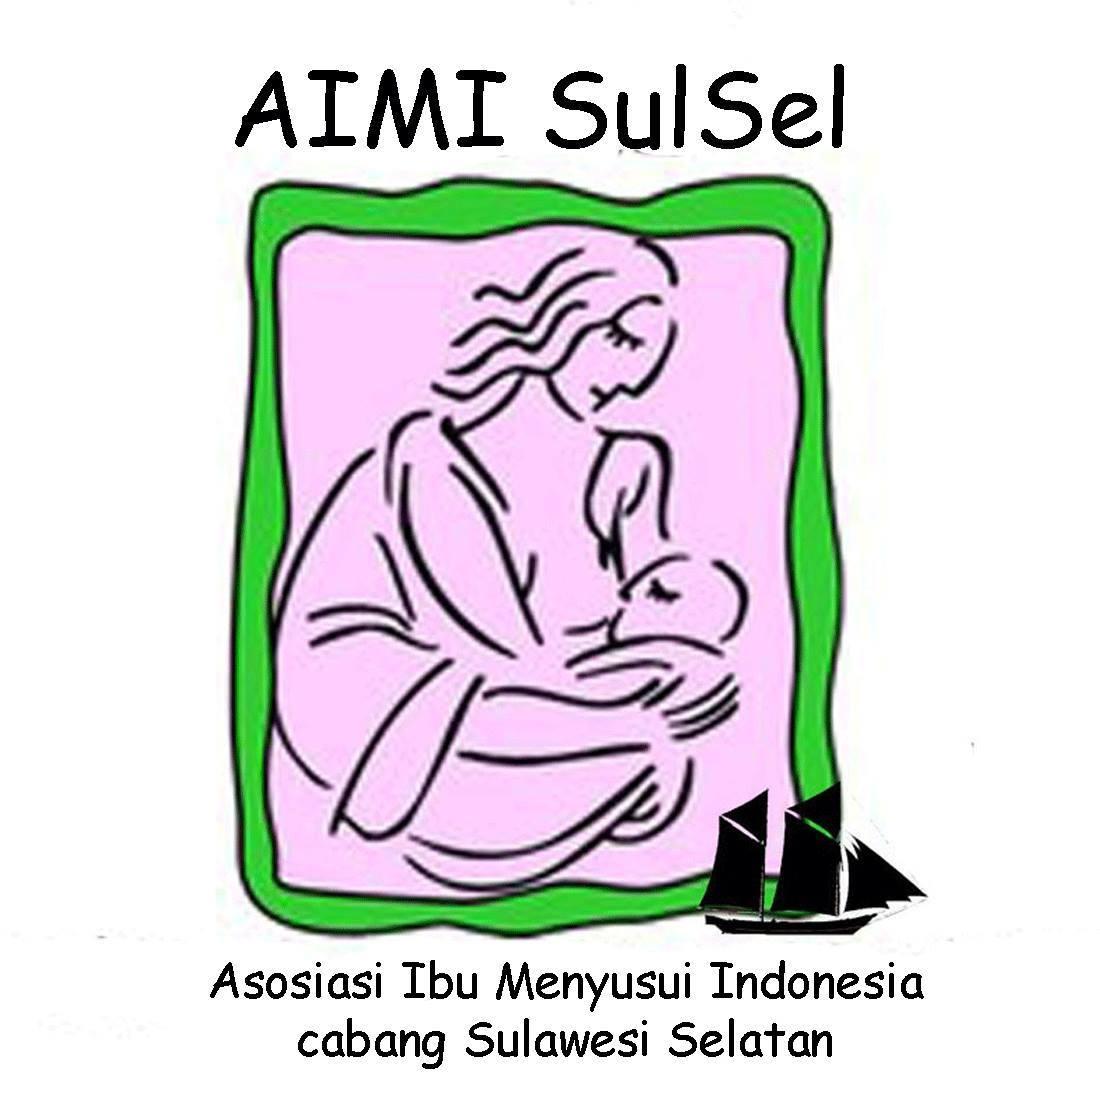 AIMI sulsel